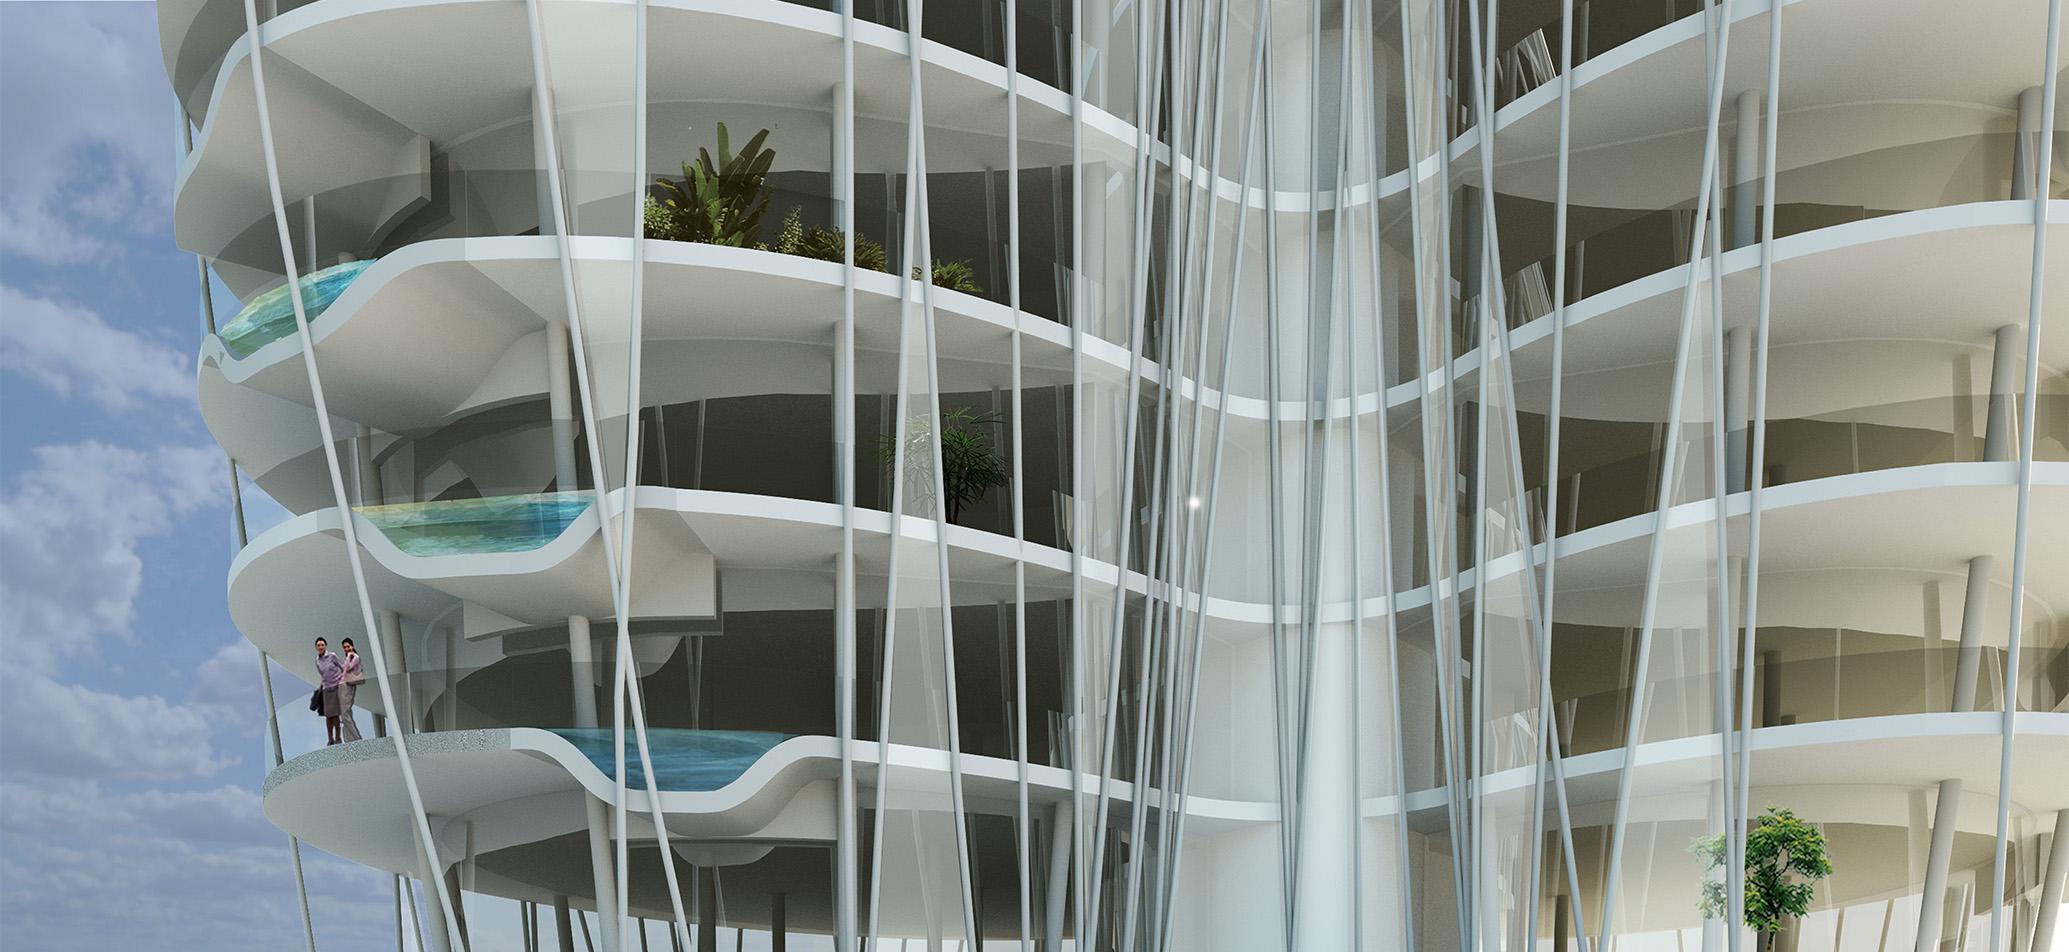 Mangroove Elite Residence BEAD front view.JPG